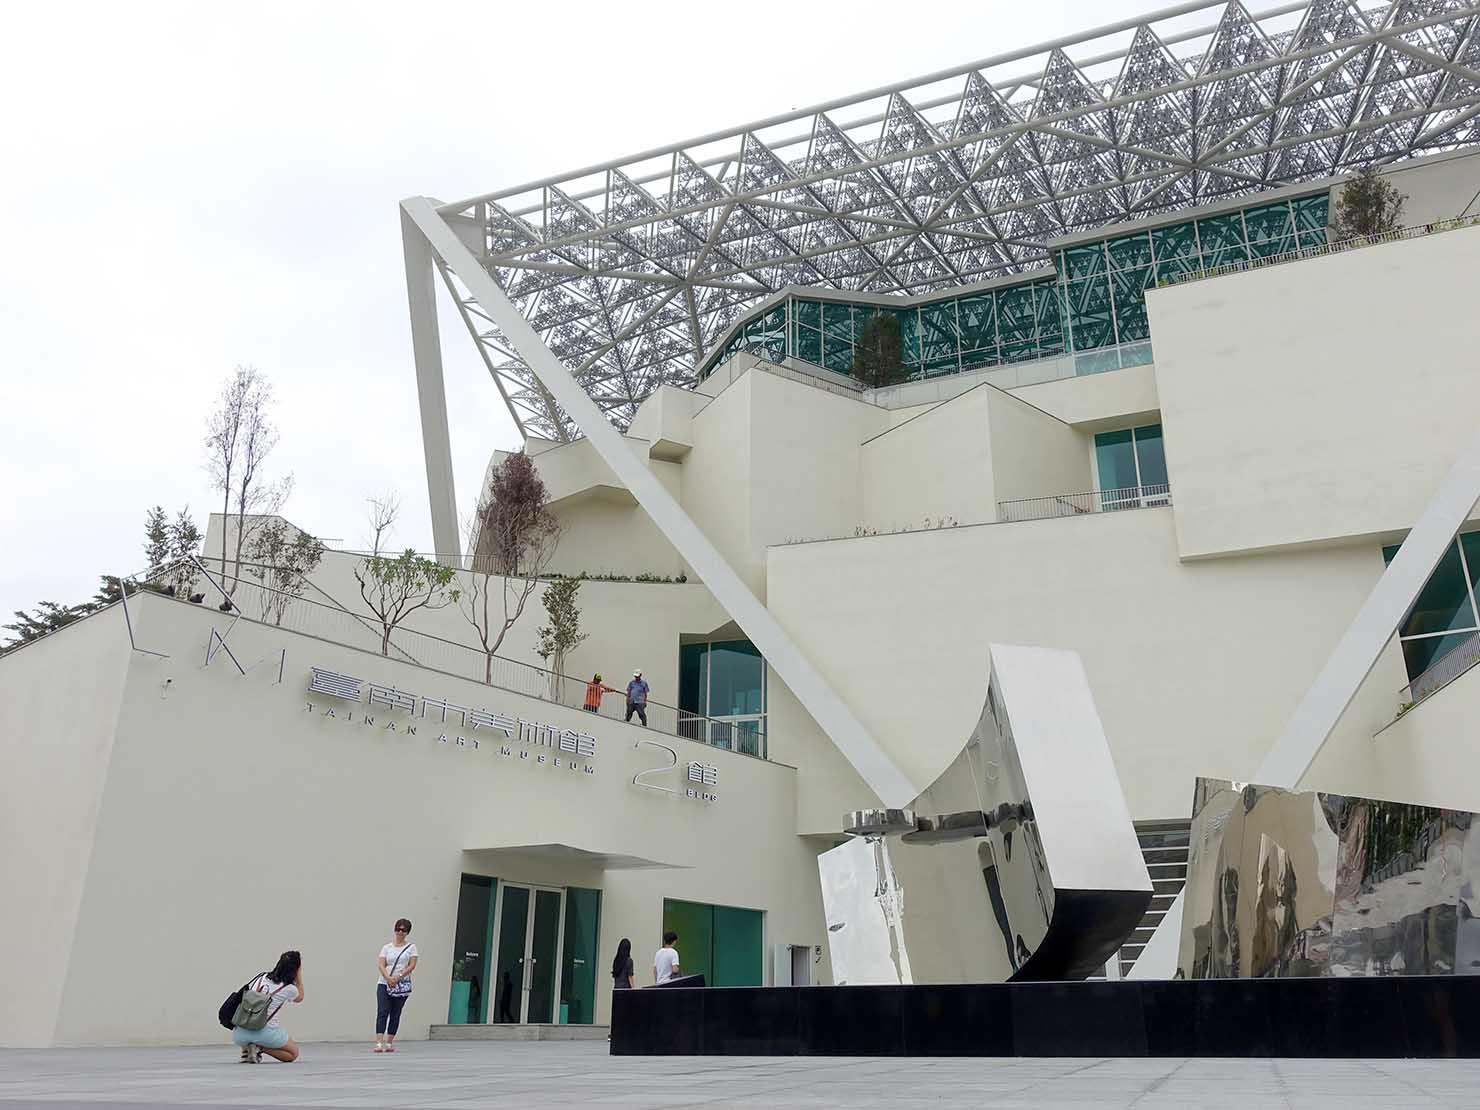 台南の注目スポット「台南市美術館二館」の外観